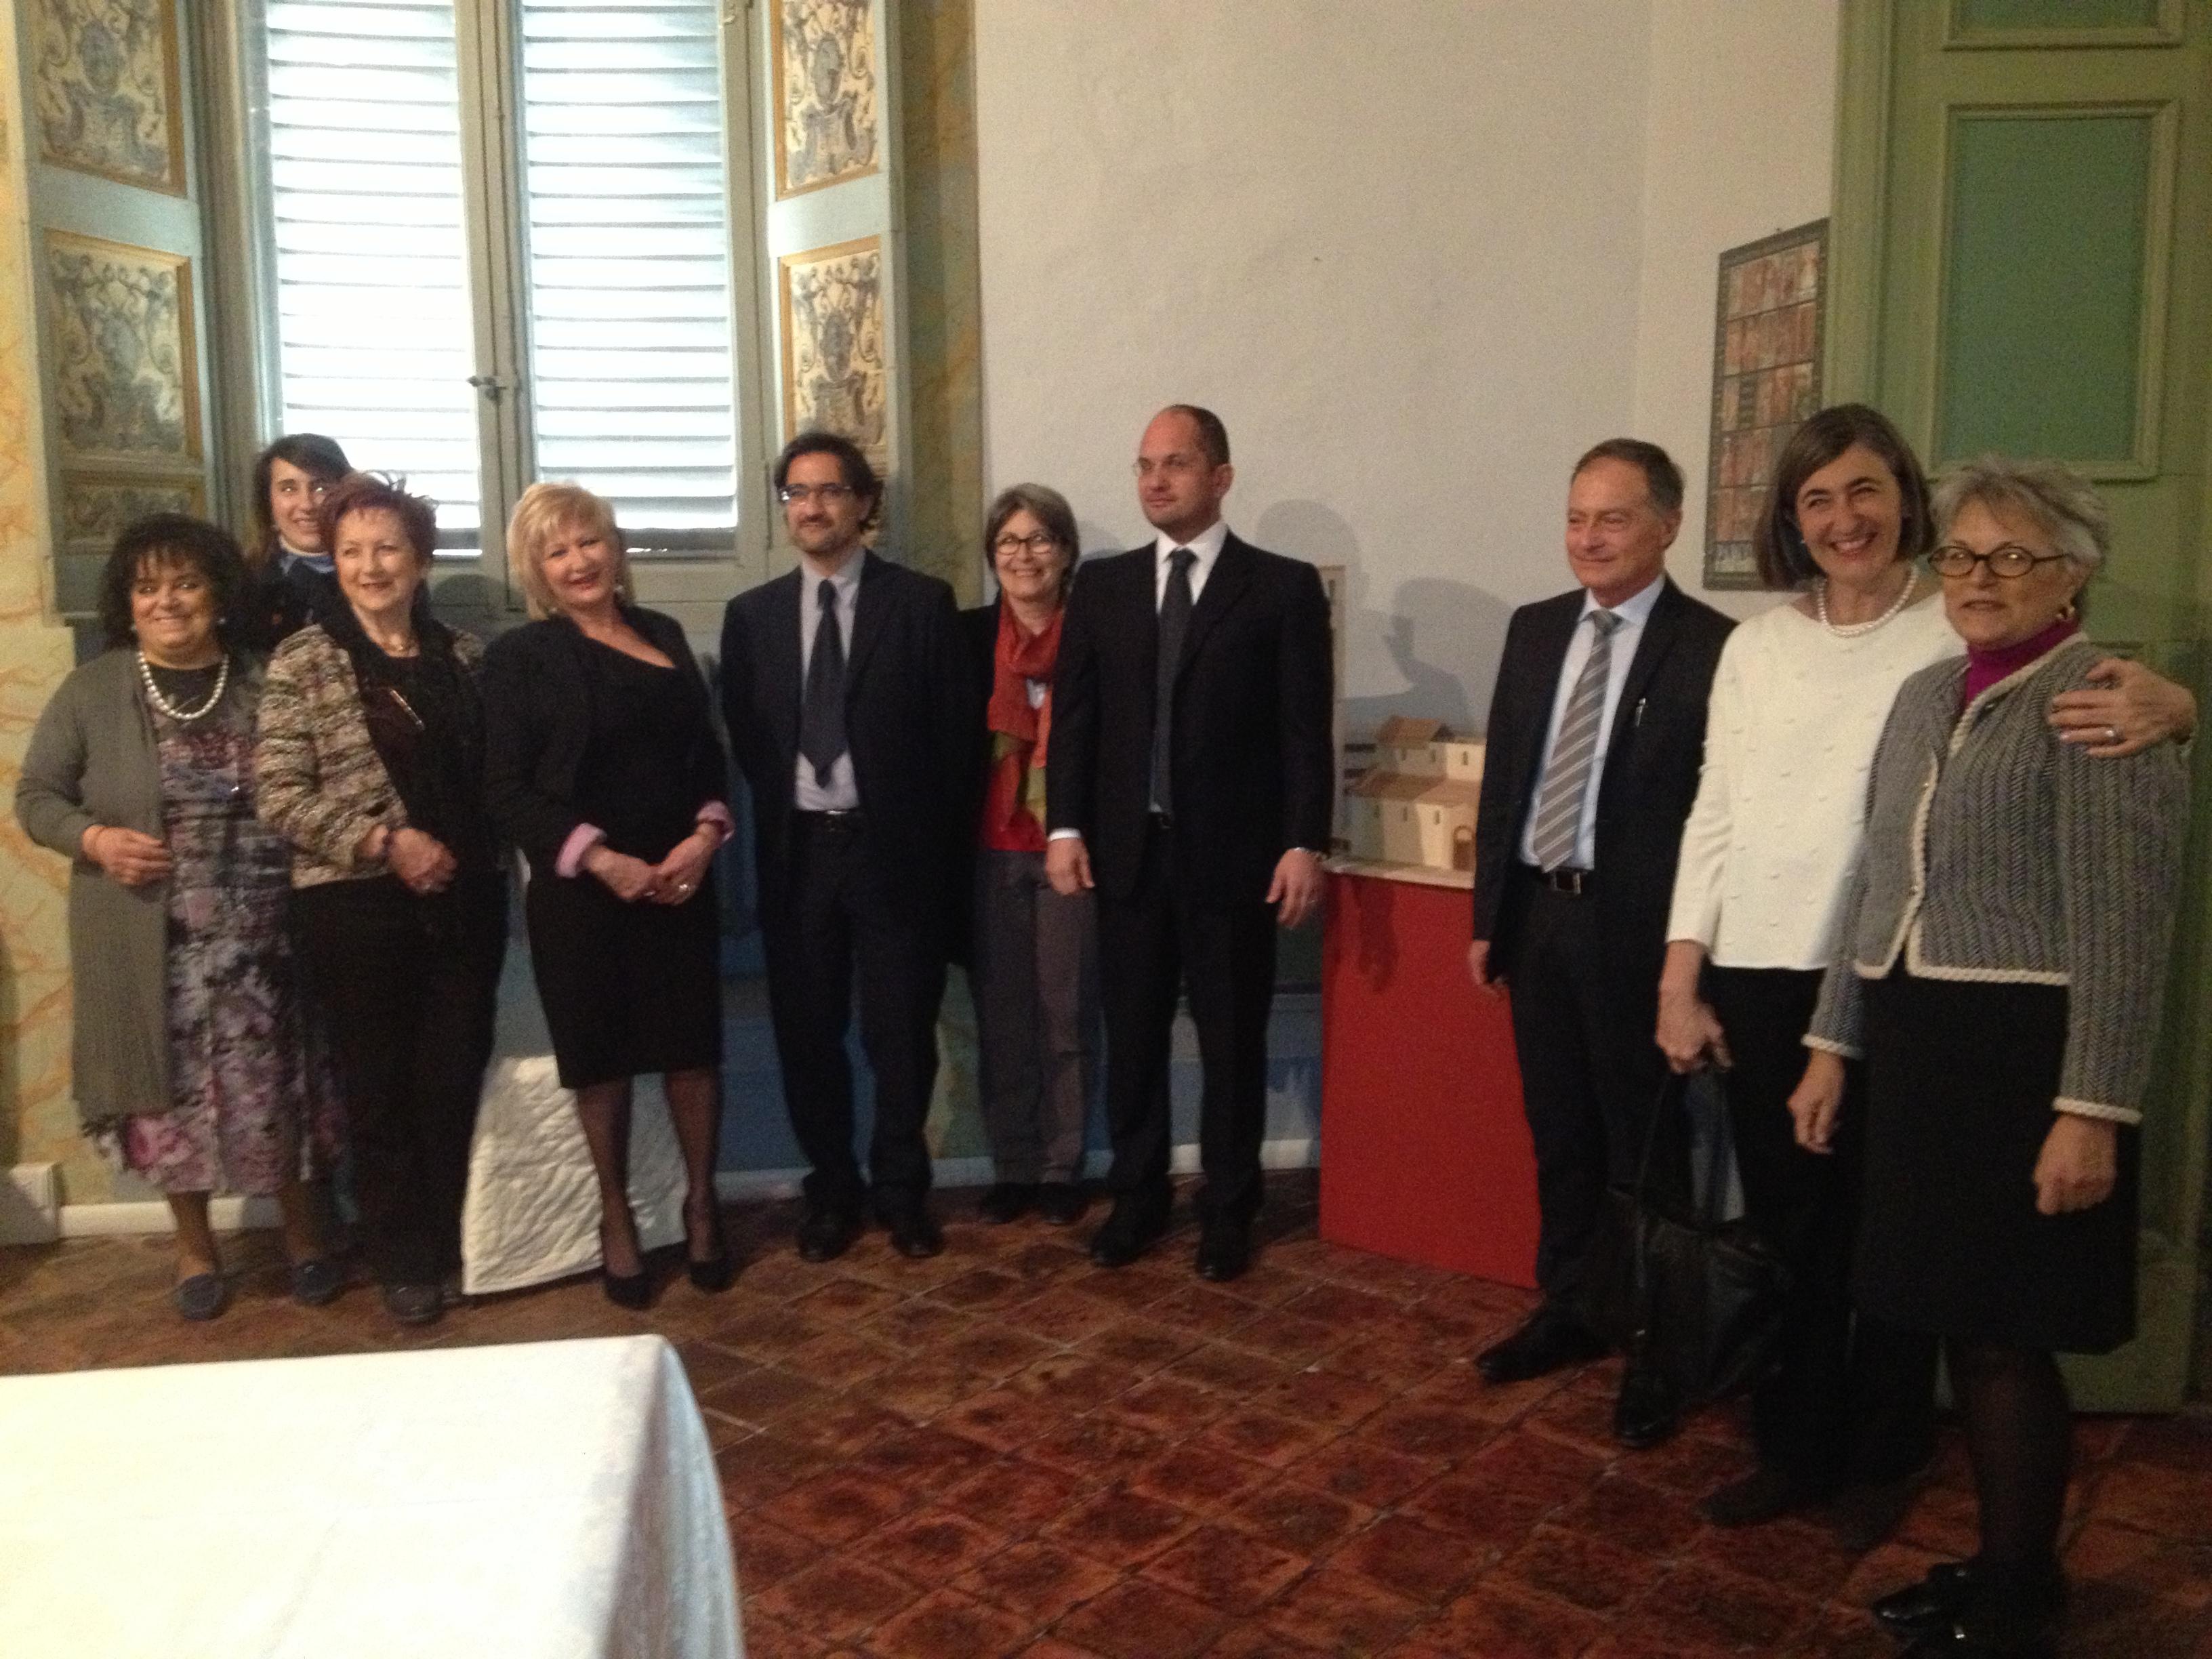 il gruppo fai ascoli con il sindaco castelli, presidente grassini,assessore bruni